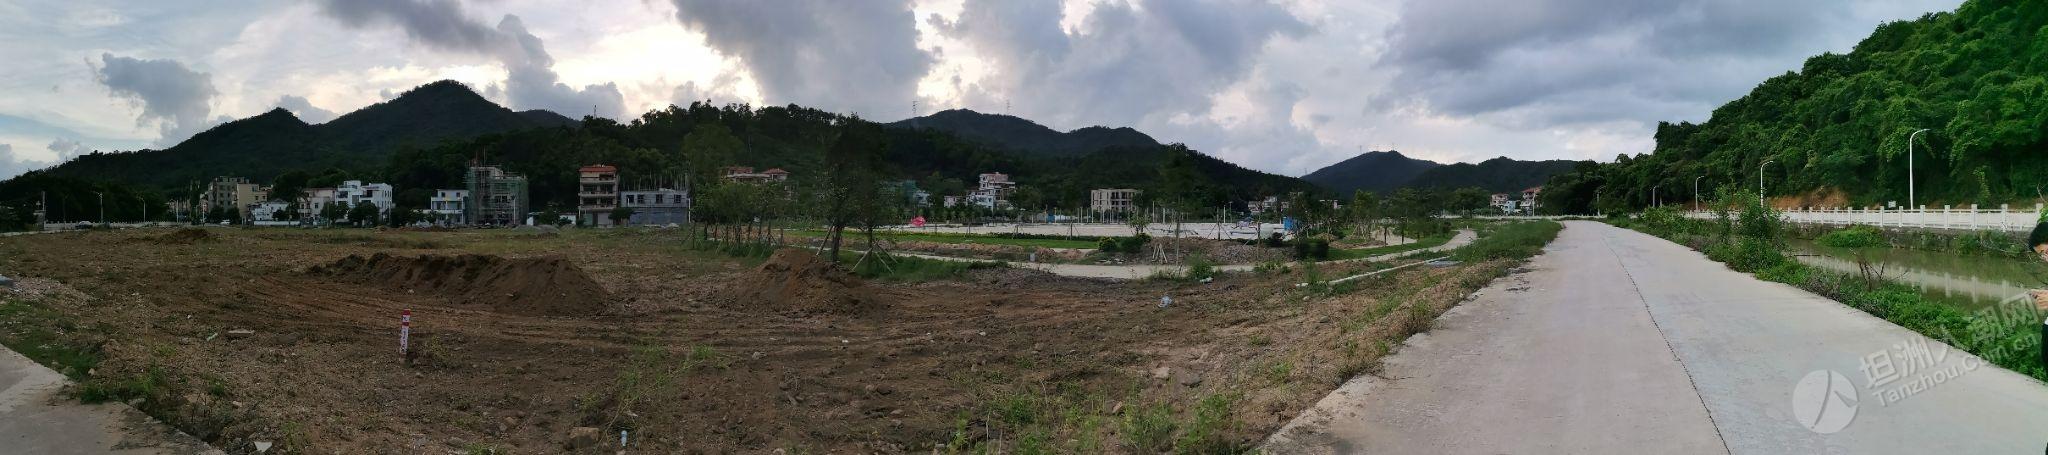 坦洲体育公园何时完工?